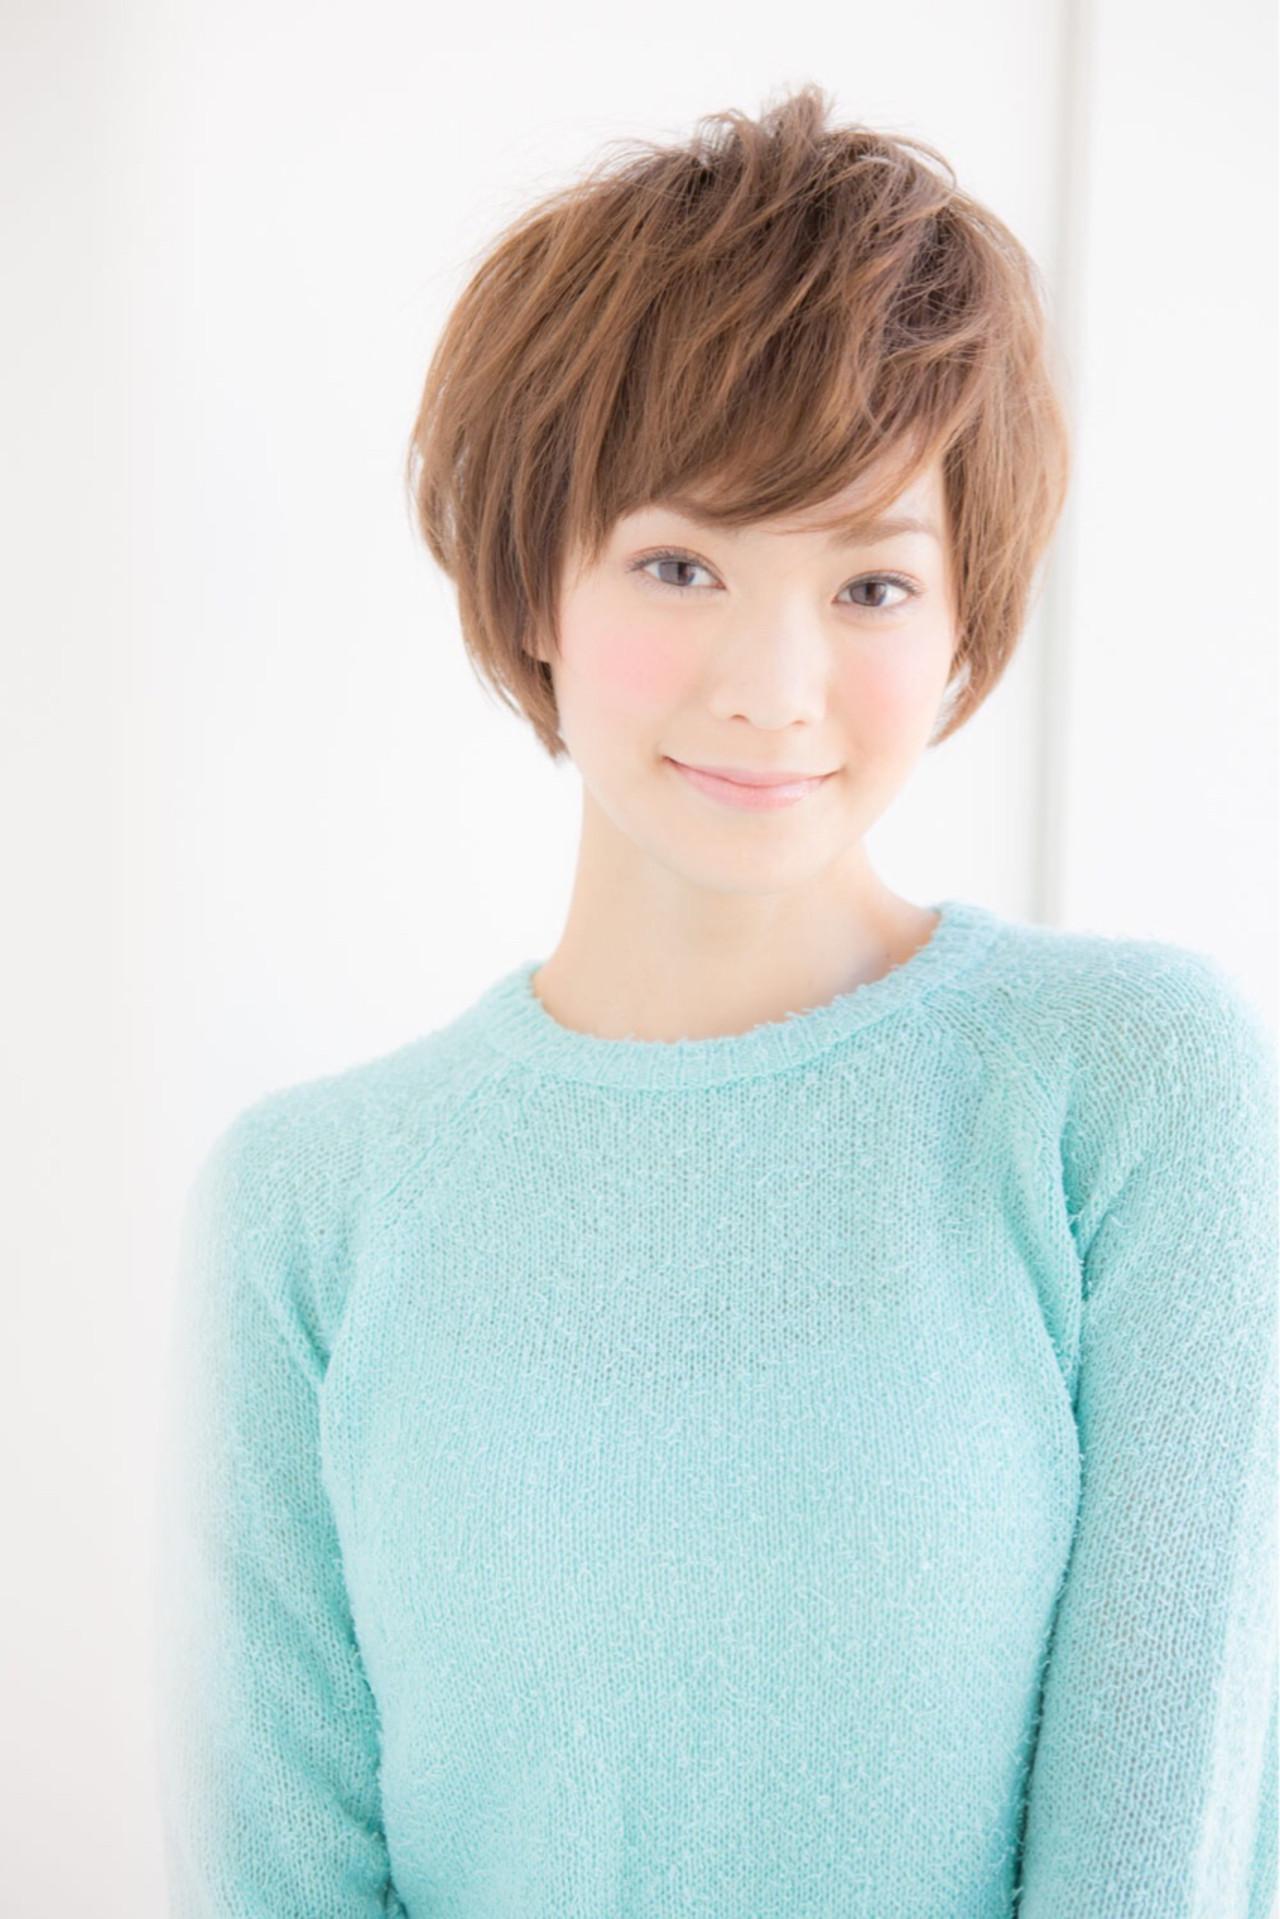 デート ヘアアレンジ ナチュラル ショート ヘアスタイルや髪型の写真・画像 | 松下哲史 / Ramie omotesando